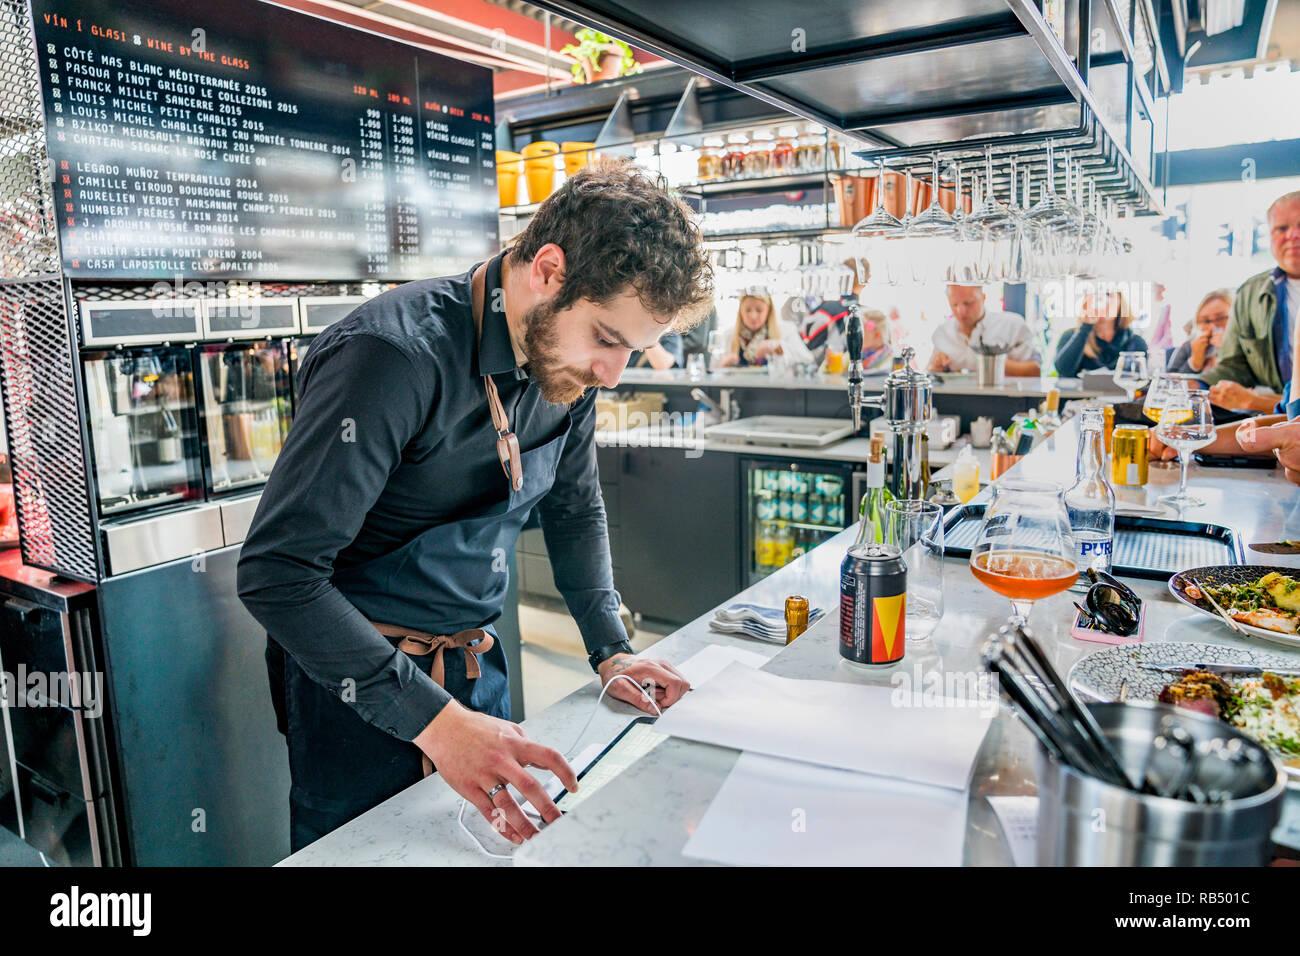 Cafe, Summer Festival, Cultural Day, Reykjavik, Iceland - Stock Image